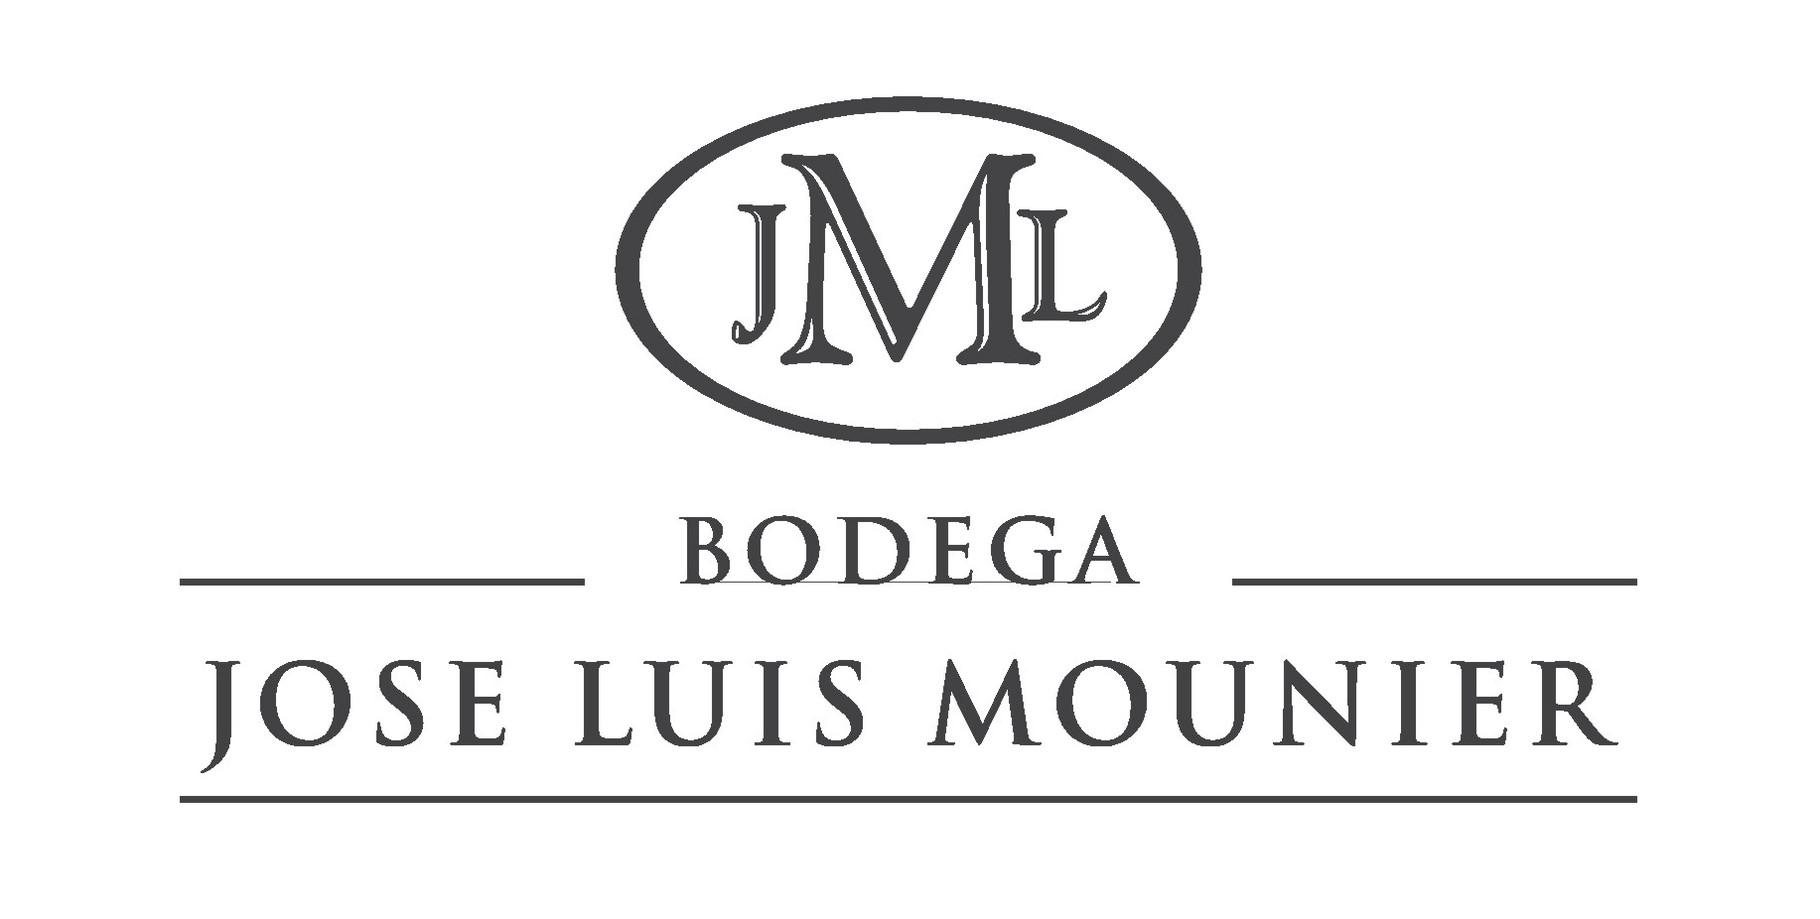 Bodega Jose Luis Mounier, Cafayate, Salta